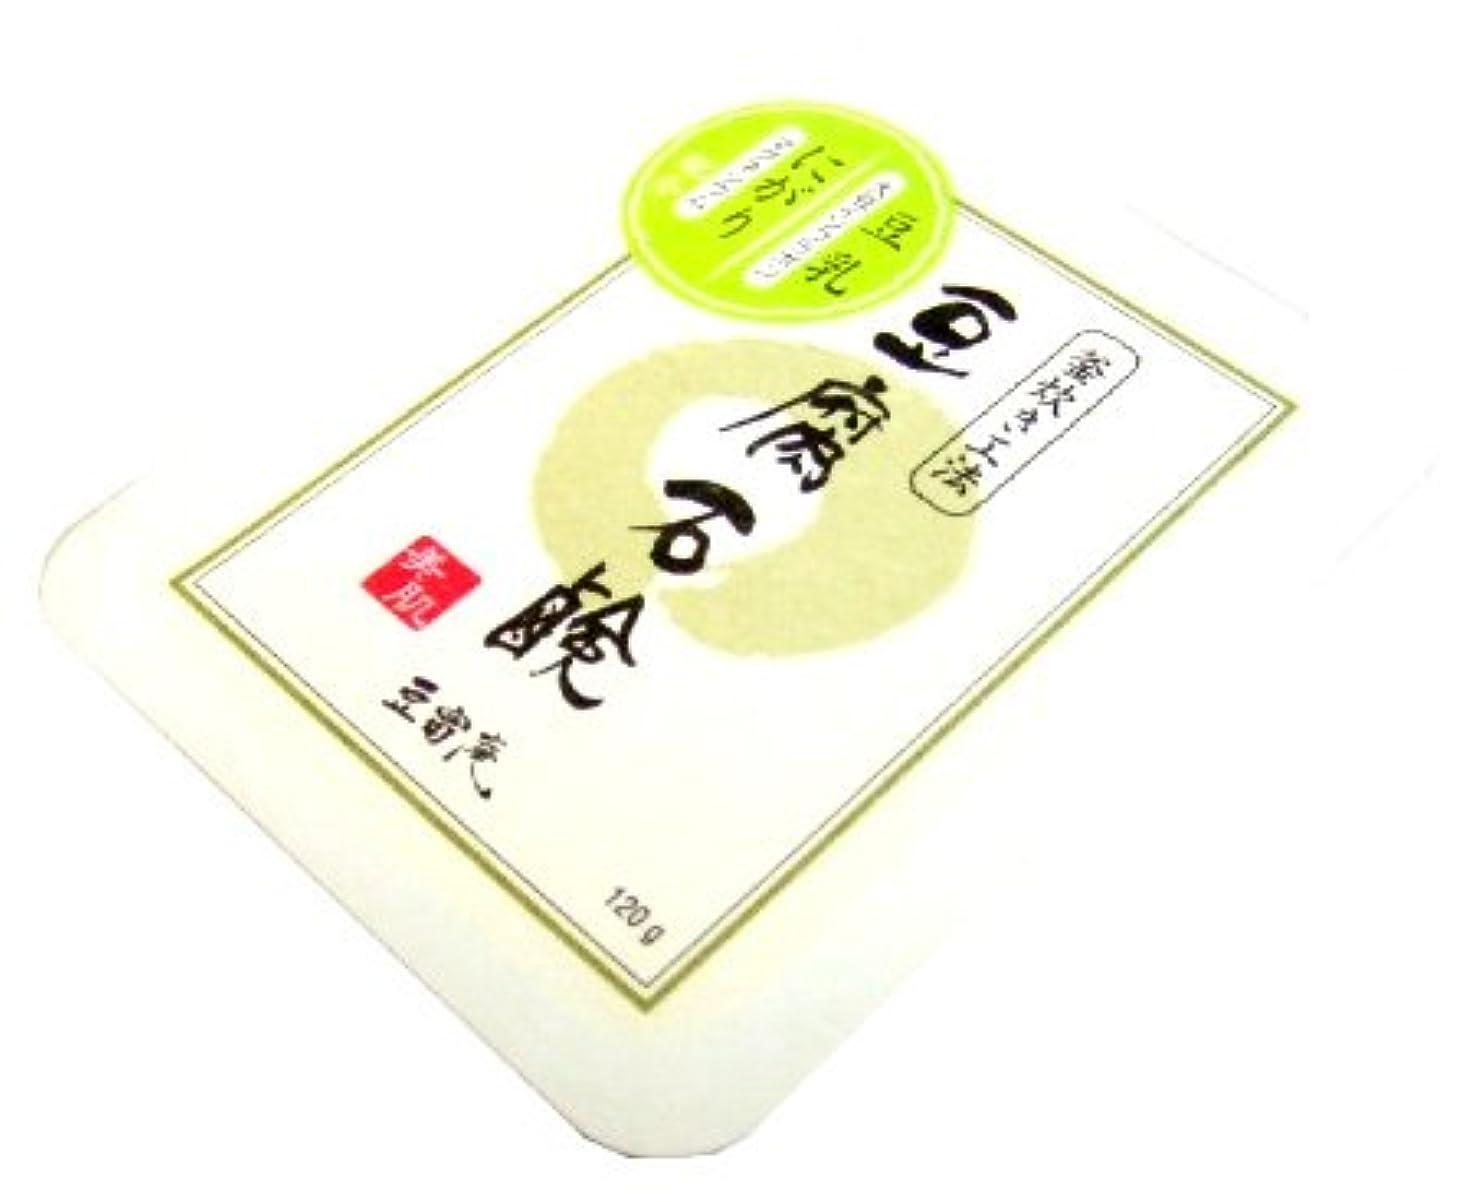 レタスバルクすきコジット 豆腐石鹸